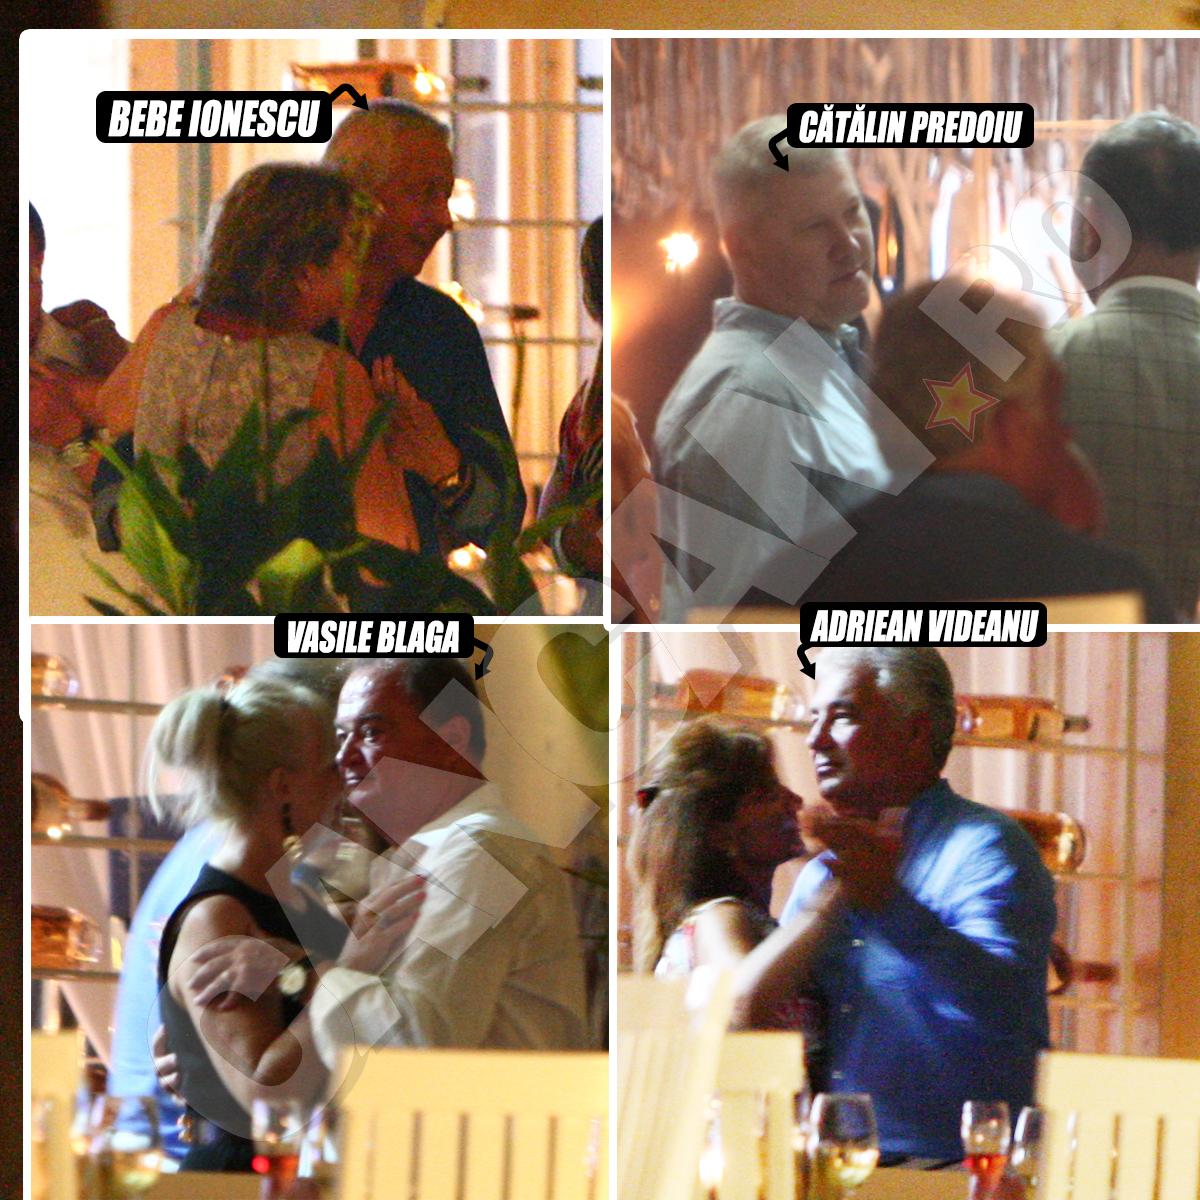 A fost chef mare pe plaja milionarilor: niciunul dintre invitaţi n-a stat la masă! Toţi au dansat până aproape de ora 3.00